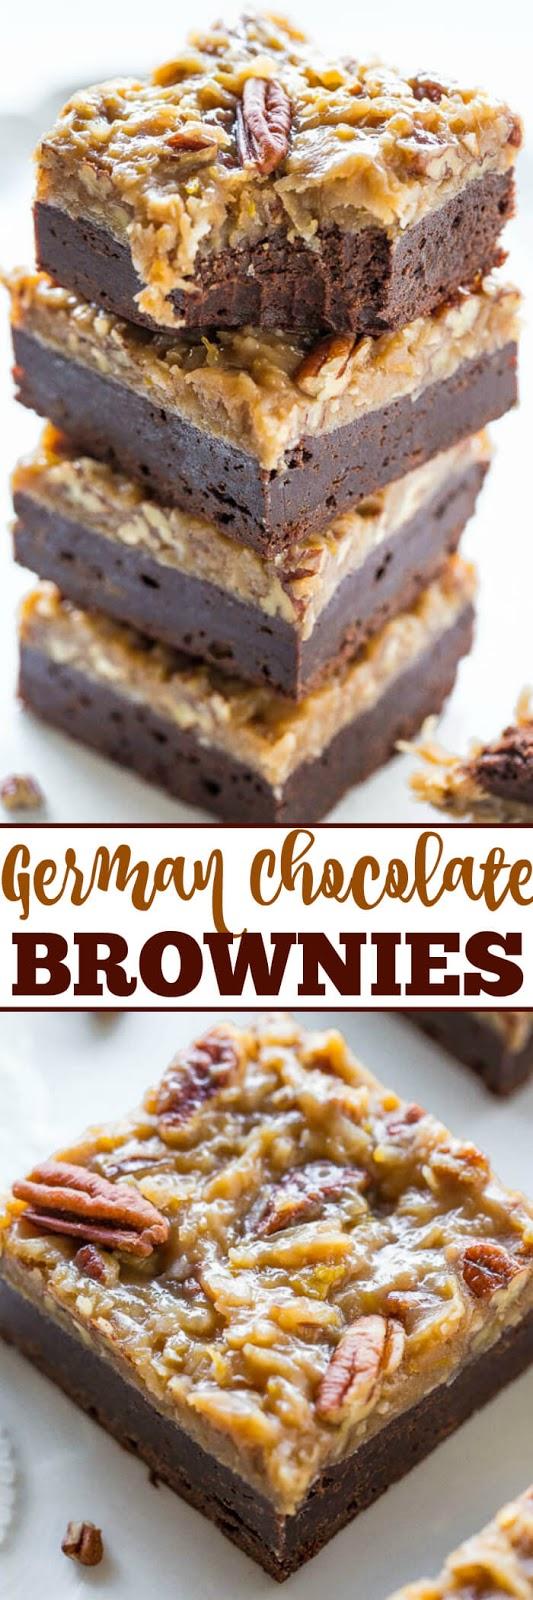 The Best German Chocolate Brownies